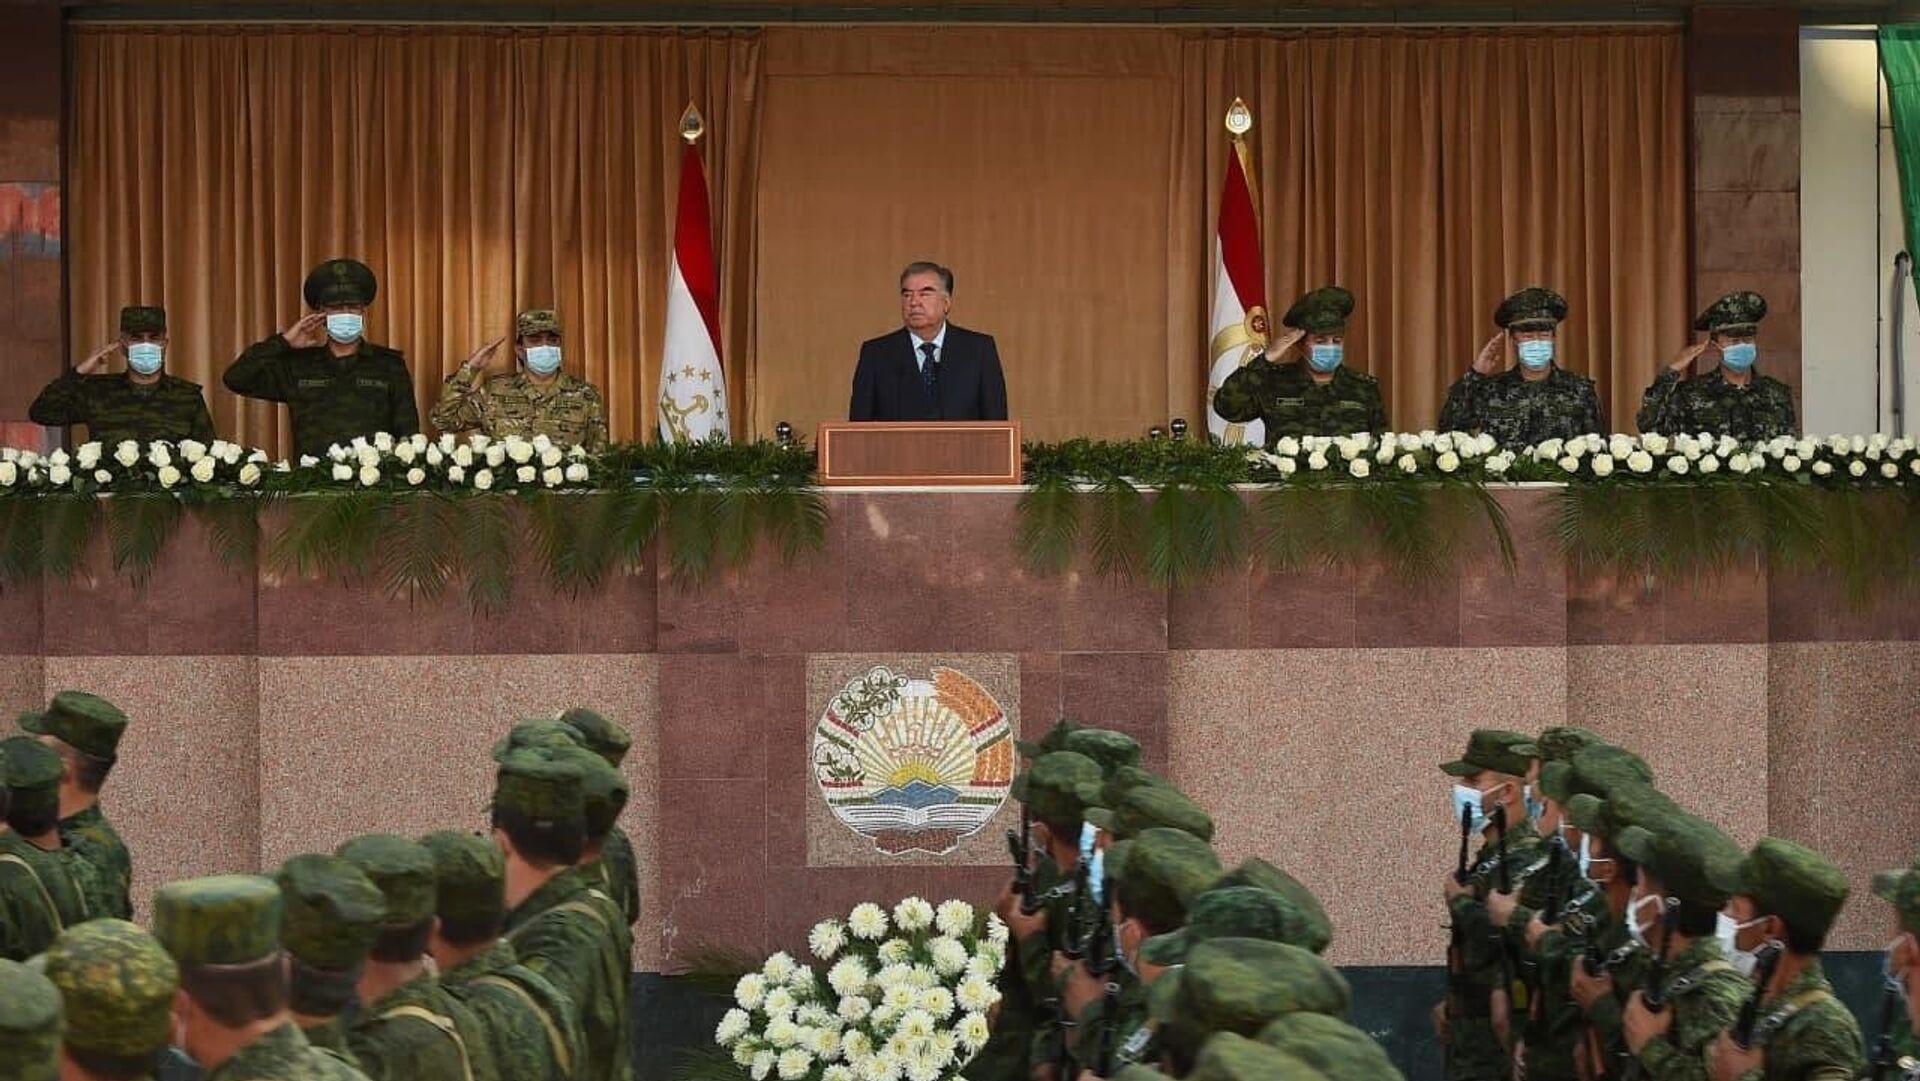 Эмомали Рахмон выступил перед военнослужащими Вооруженных сил и правоохранительных органов Таджикистана - Sputnik Узбекистан, 1920, 22.07.2021